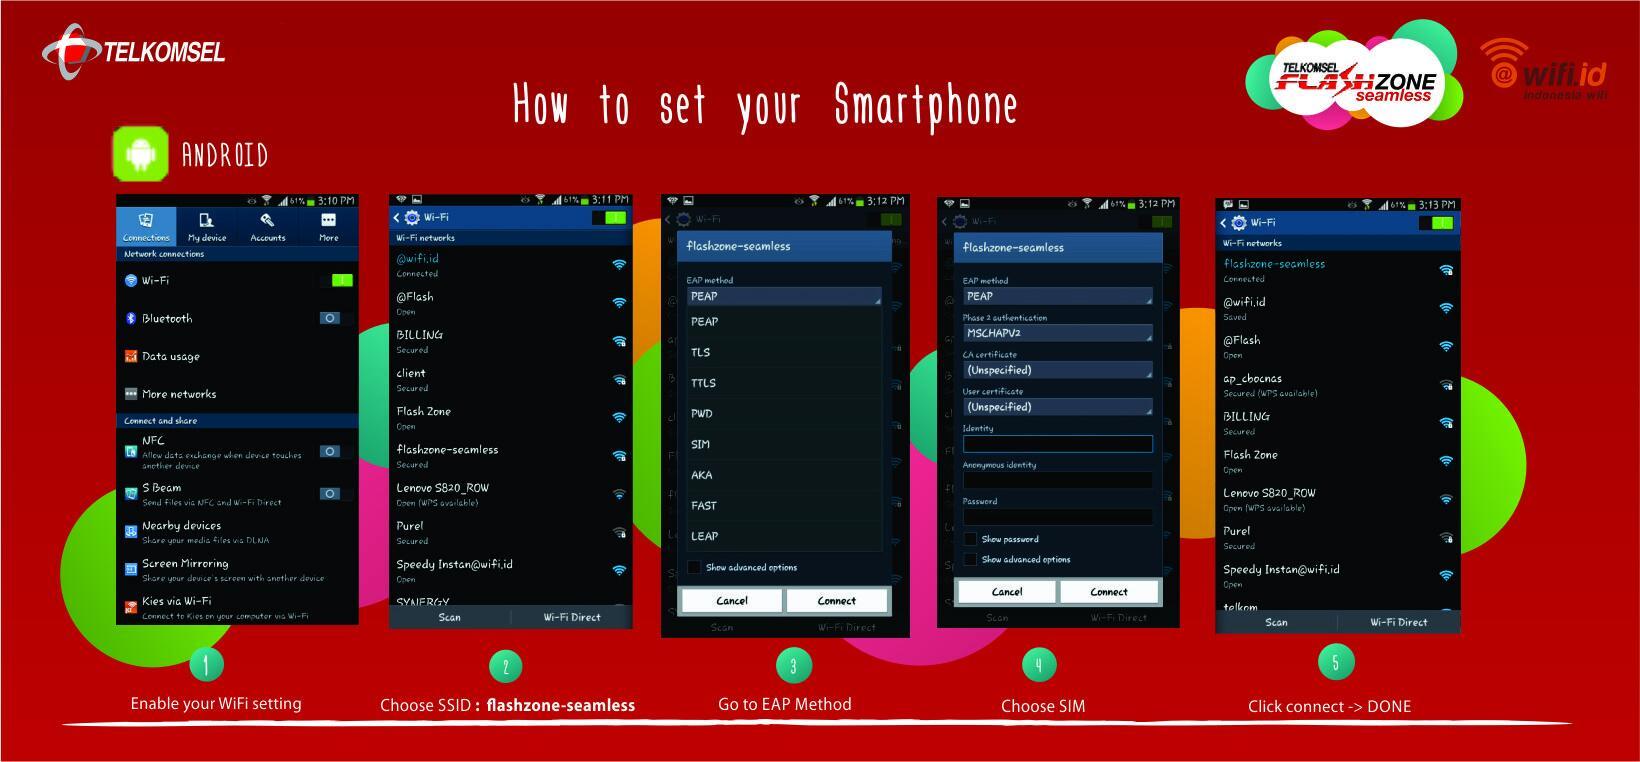 Indonesia Wifi On Twitter Bagi Kamu Pengguna Android Ini Adalah User Password Flashzone Seamless Cara Setting Untuk Akses Http Tco Ct2hllofkv